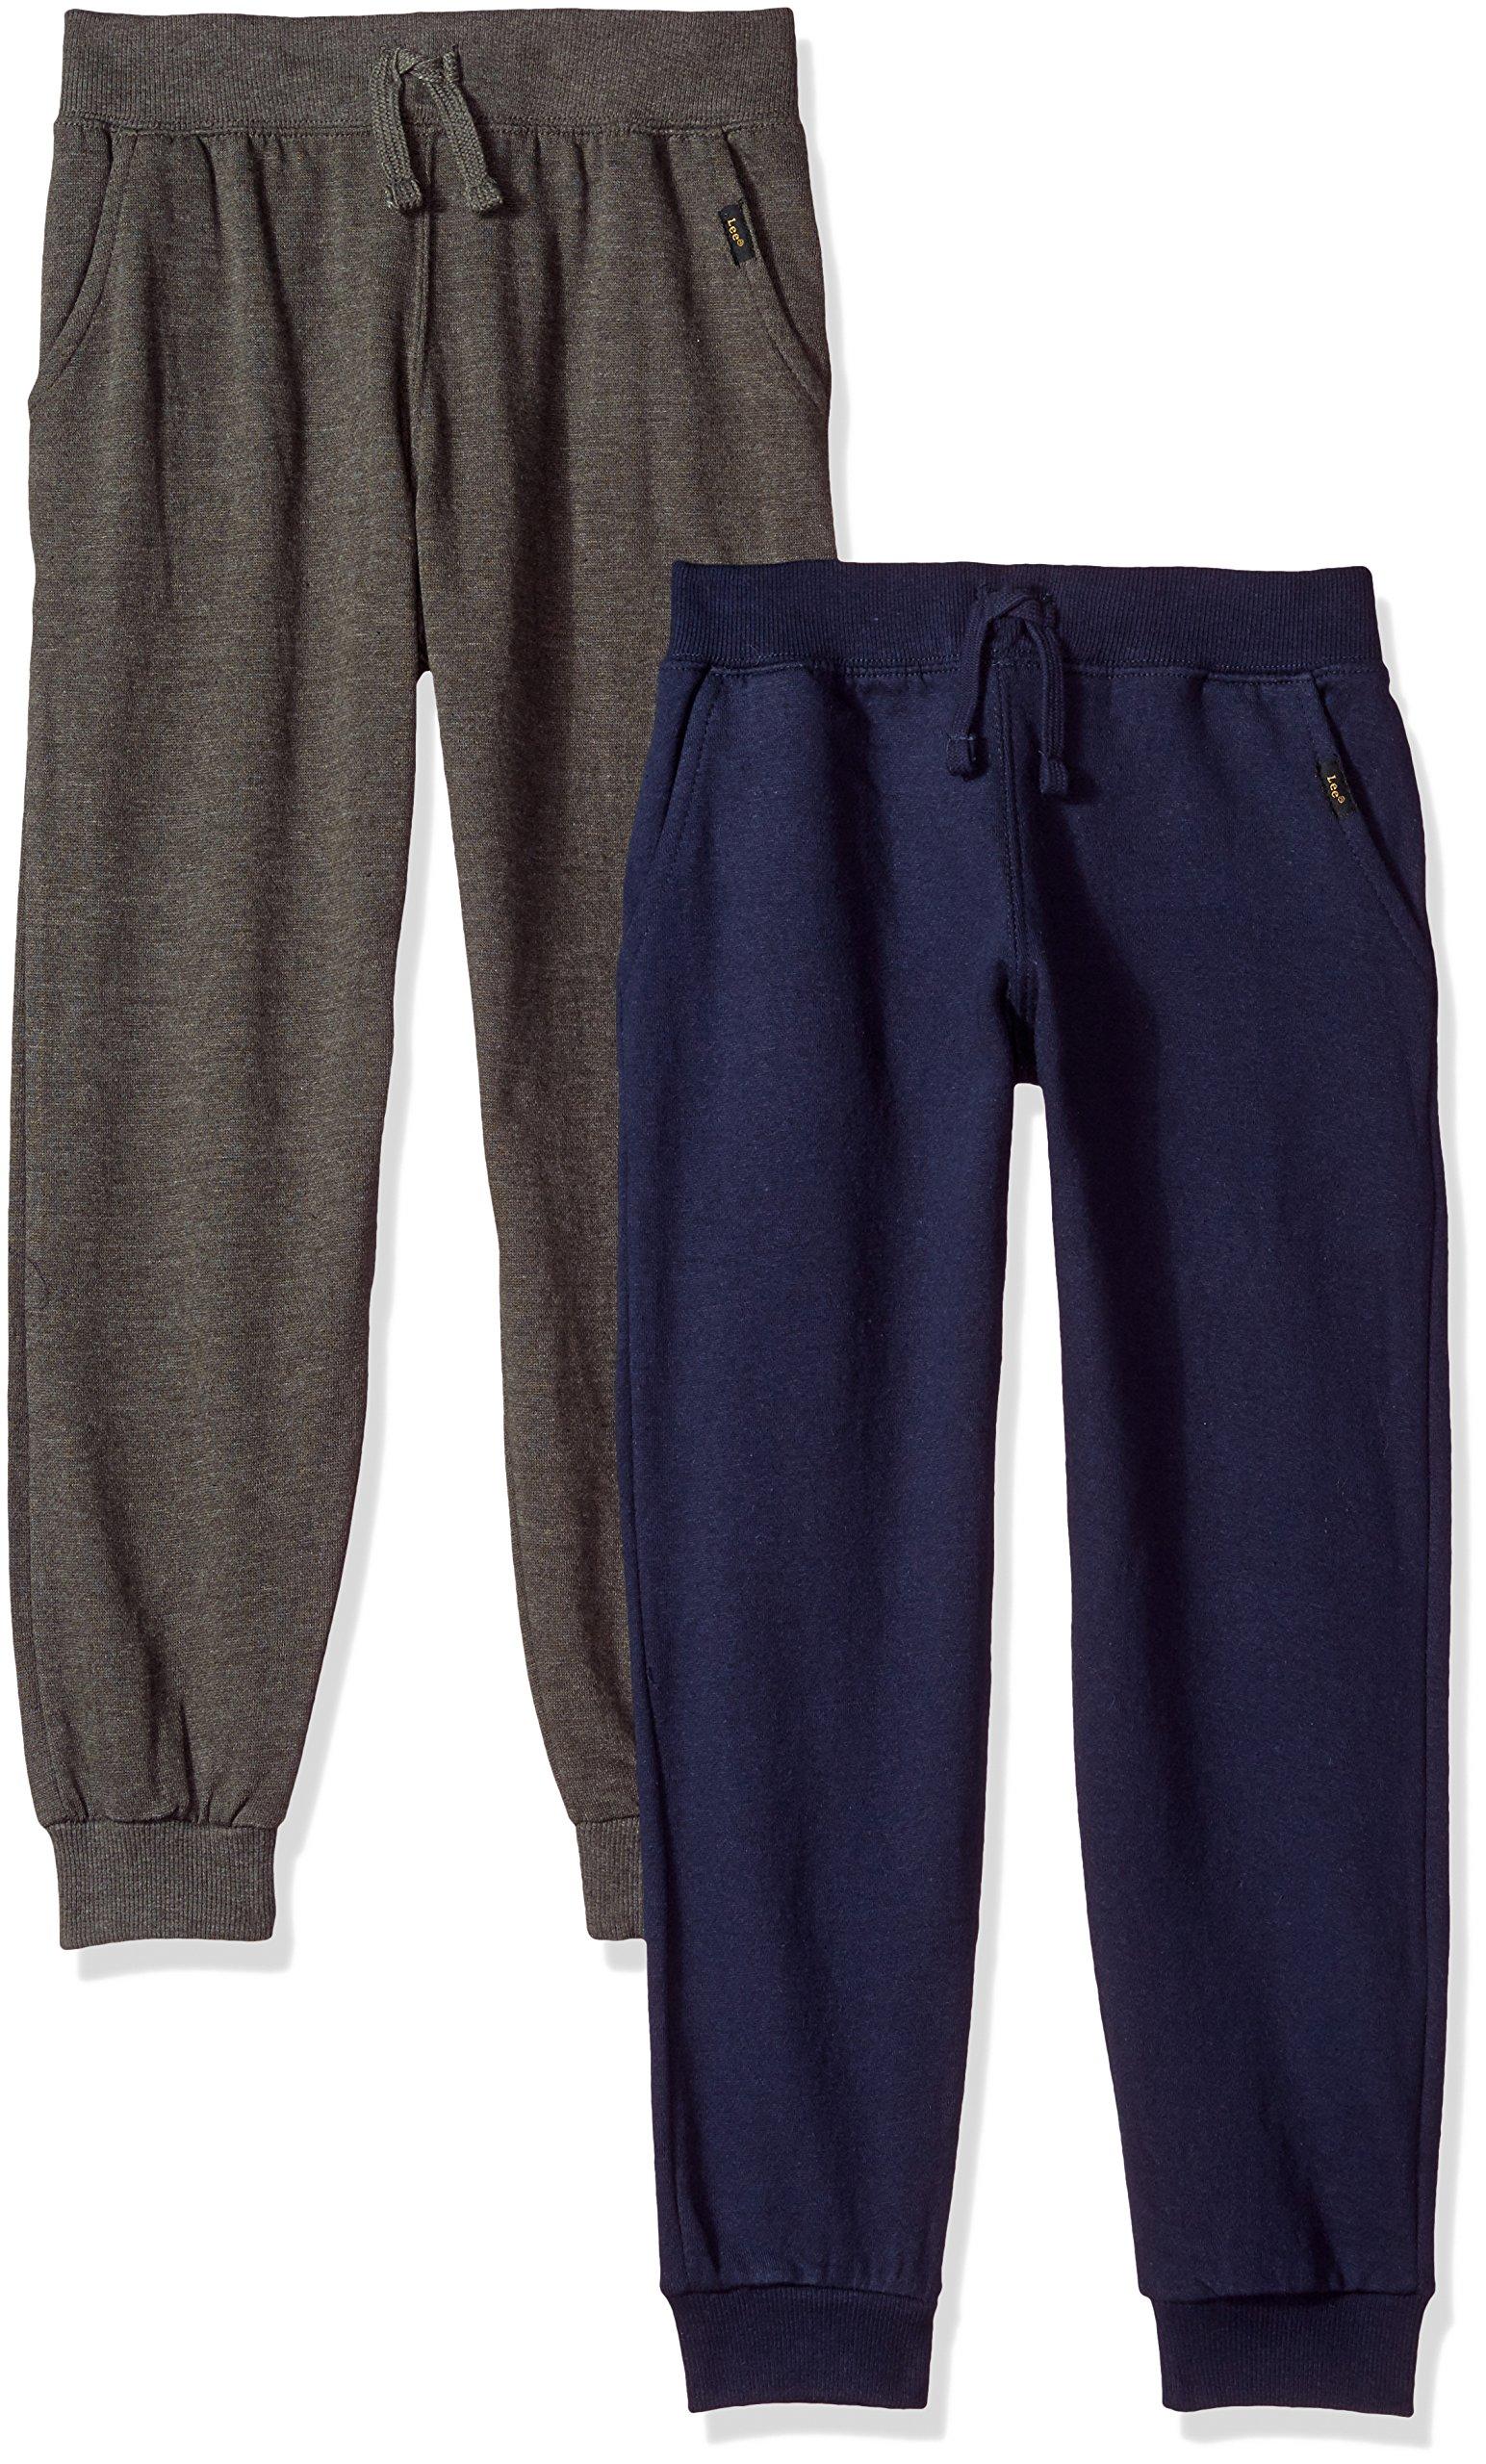 Lee 男童 2 件装羊毛慢跑裤(幼儿和小男孩尺码)